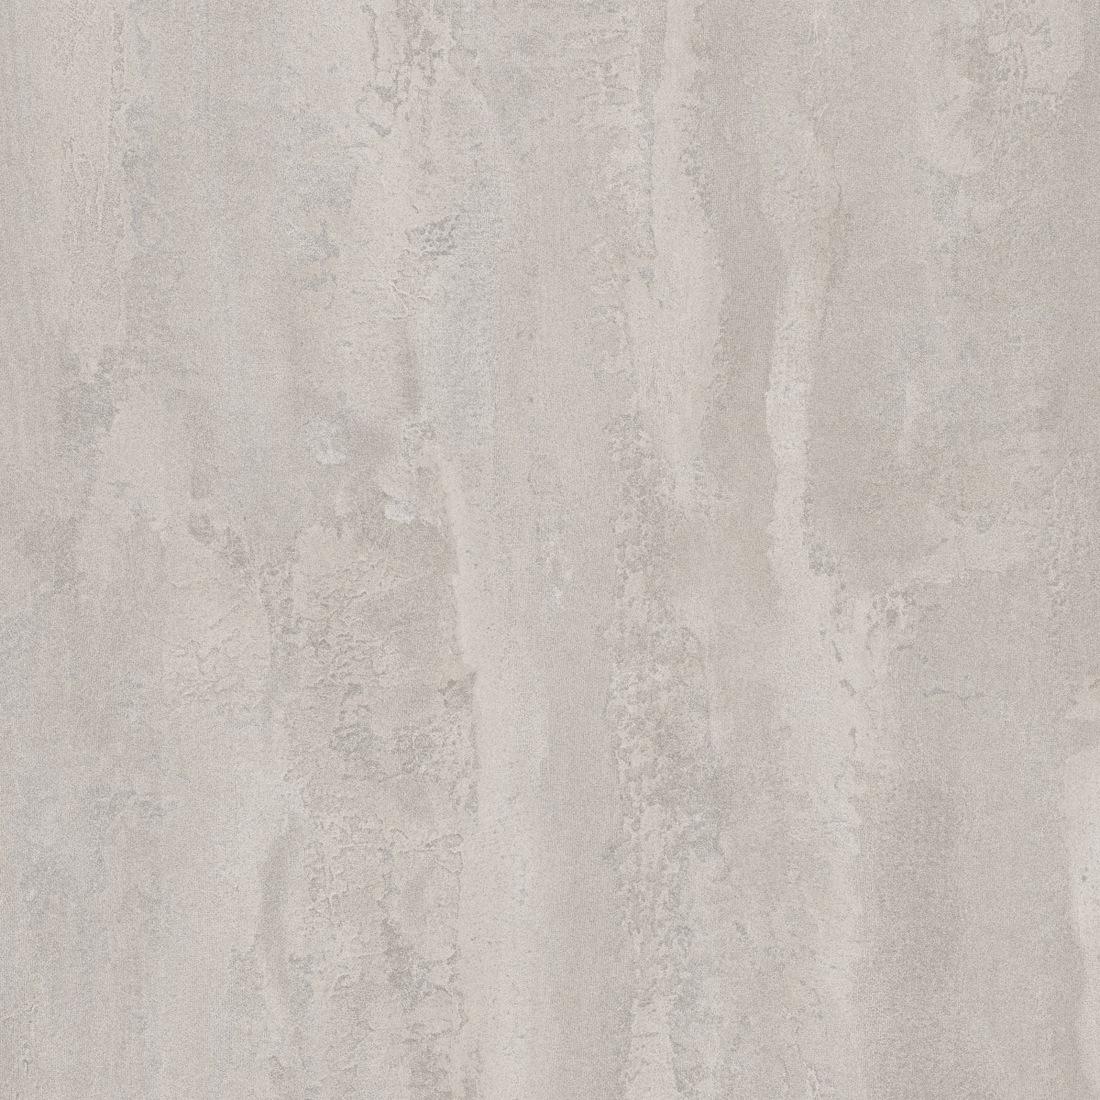 Pal melaminat Kronospan, Beton K350 RT, 2800 x 2070 x 18 mm imagine MatHaus.ro